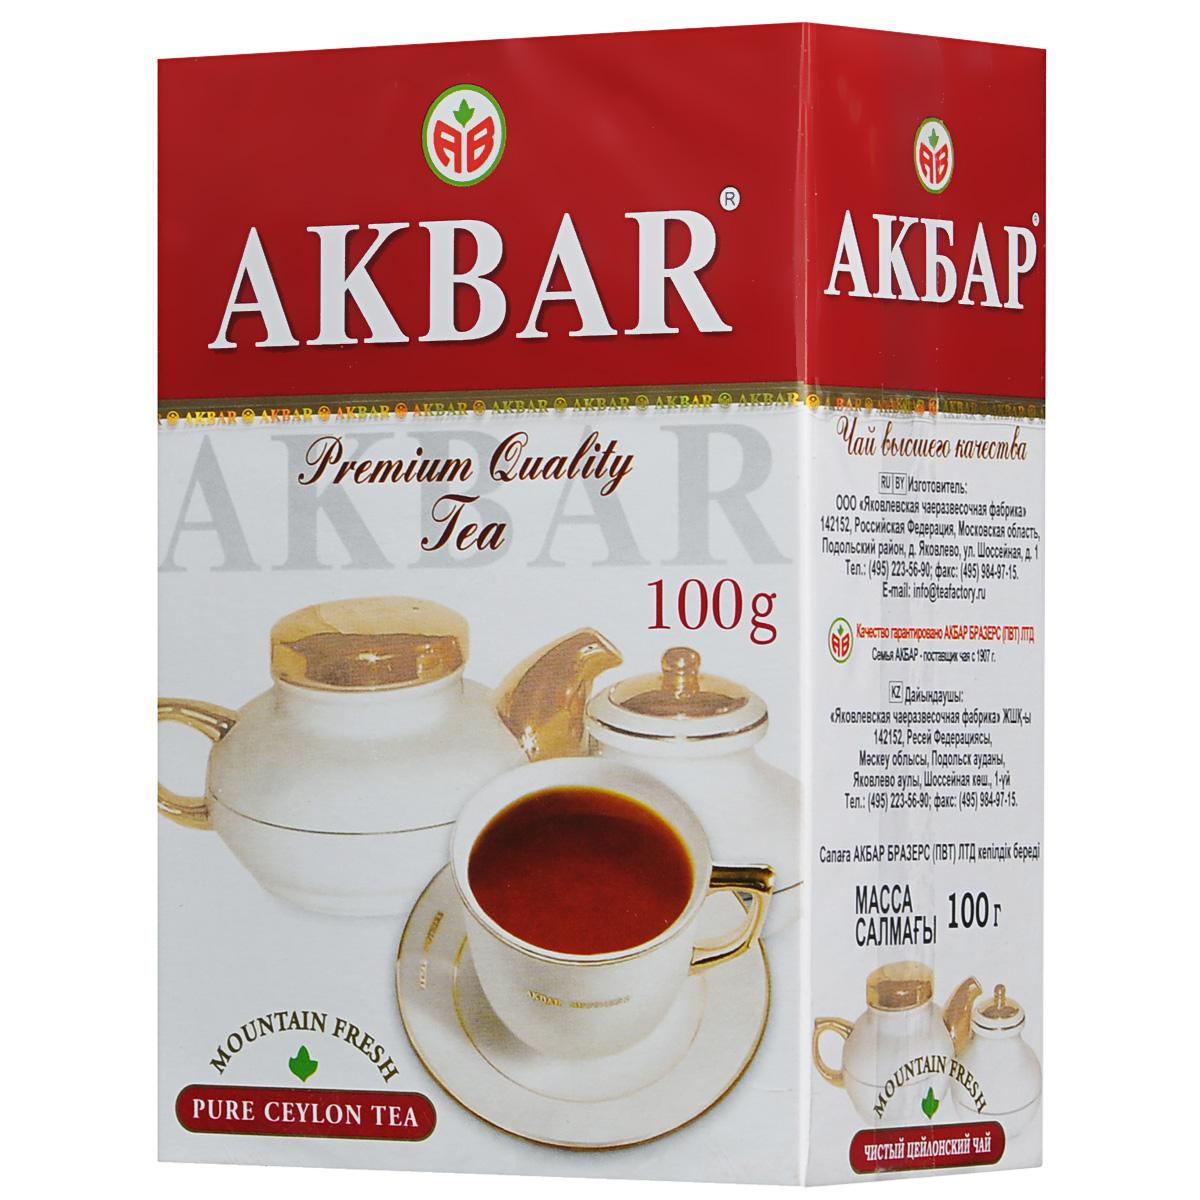 Akbar Mountain Fresh черный крупнолистовой чай, 100 г1041230Чай Akbar Mountain Fresh стандарта OPA – напиток для истинных ценителей вкуса и аромата крупнолистового чая высшего качества. При его производстве используются специальные технологии, позволяющие максимально сократить механическое воздействие на чайный лист. Чай Akbar Mountain Fresh дает крепкий настой с насыщенным вкусом и густым неповторимым ароматом.